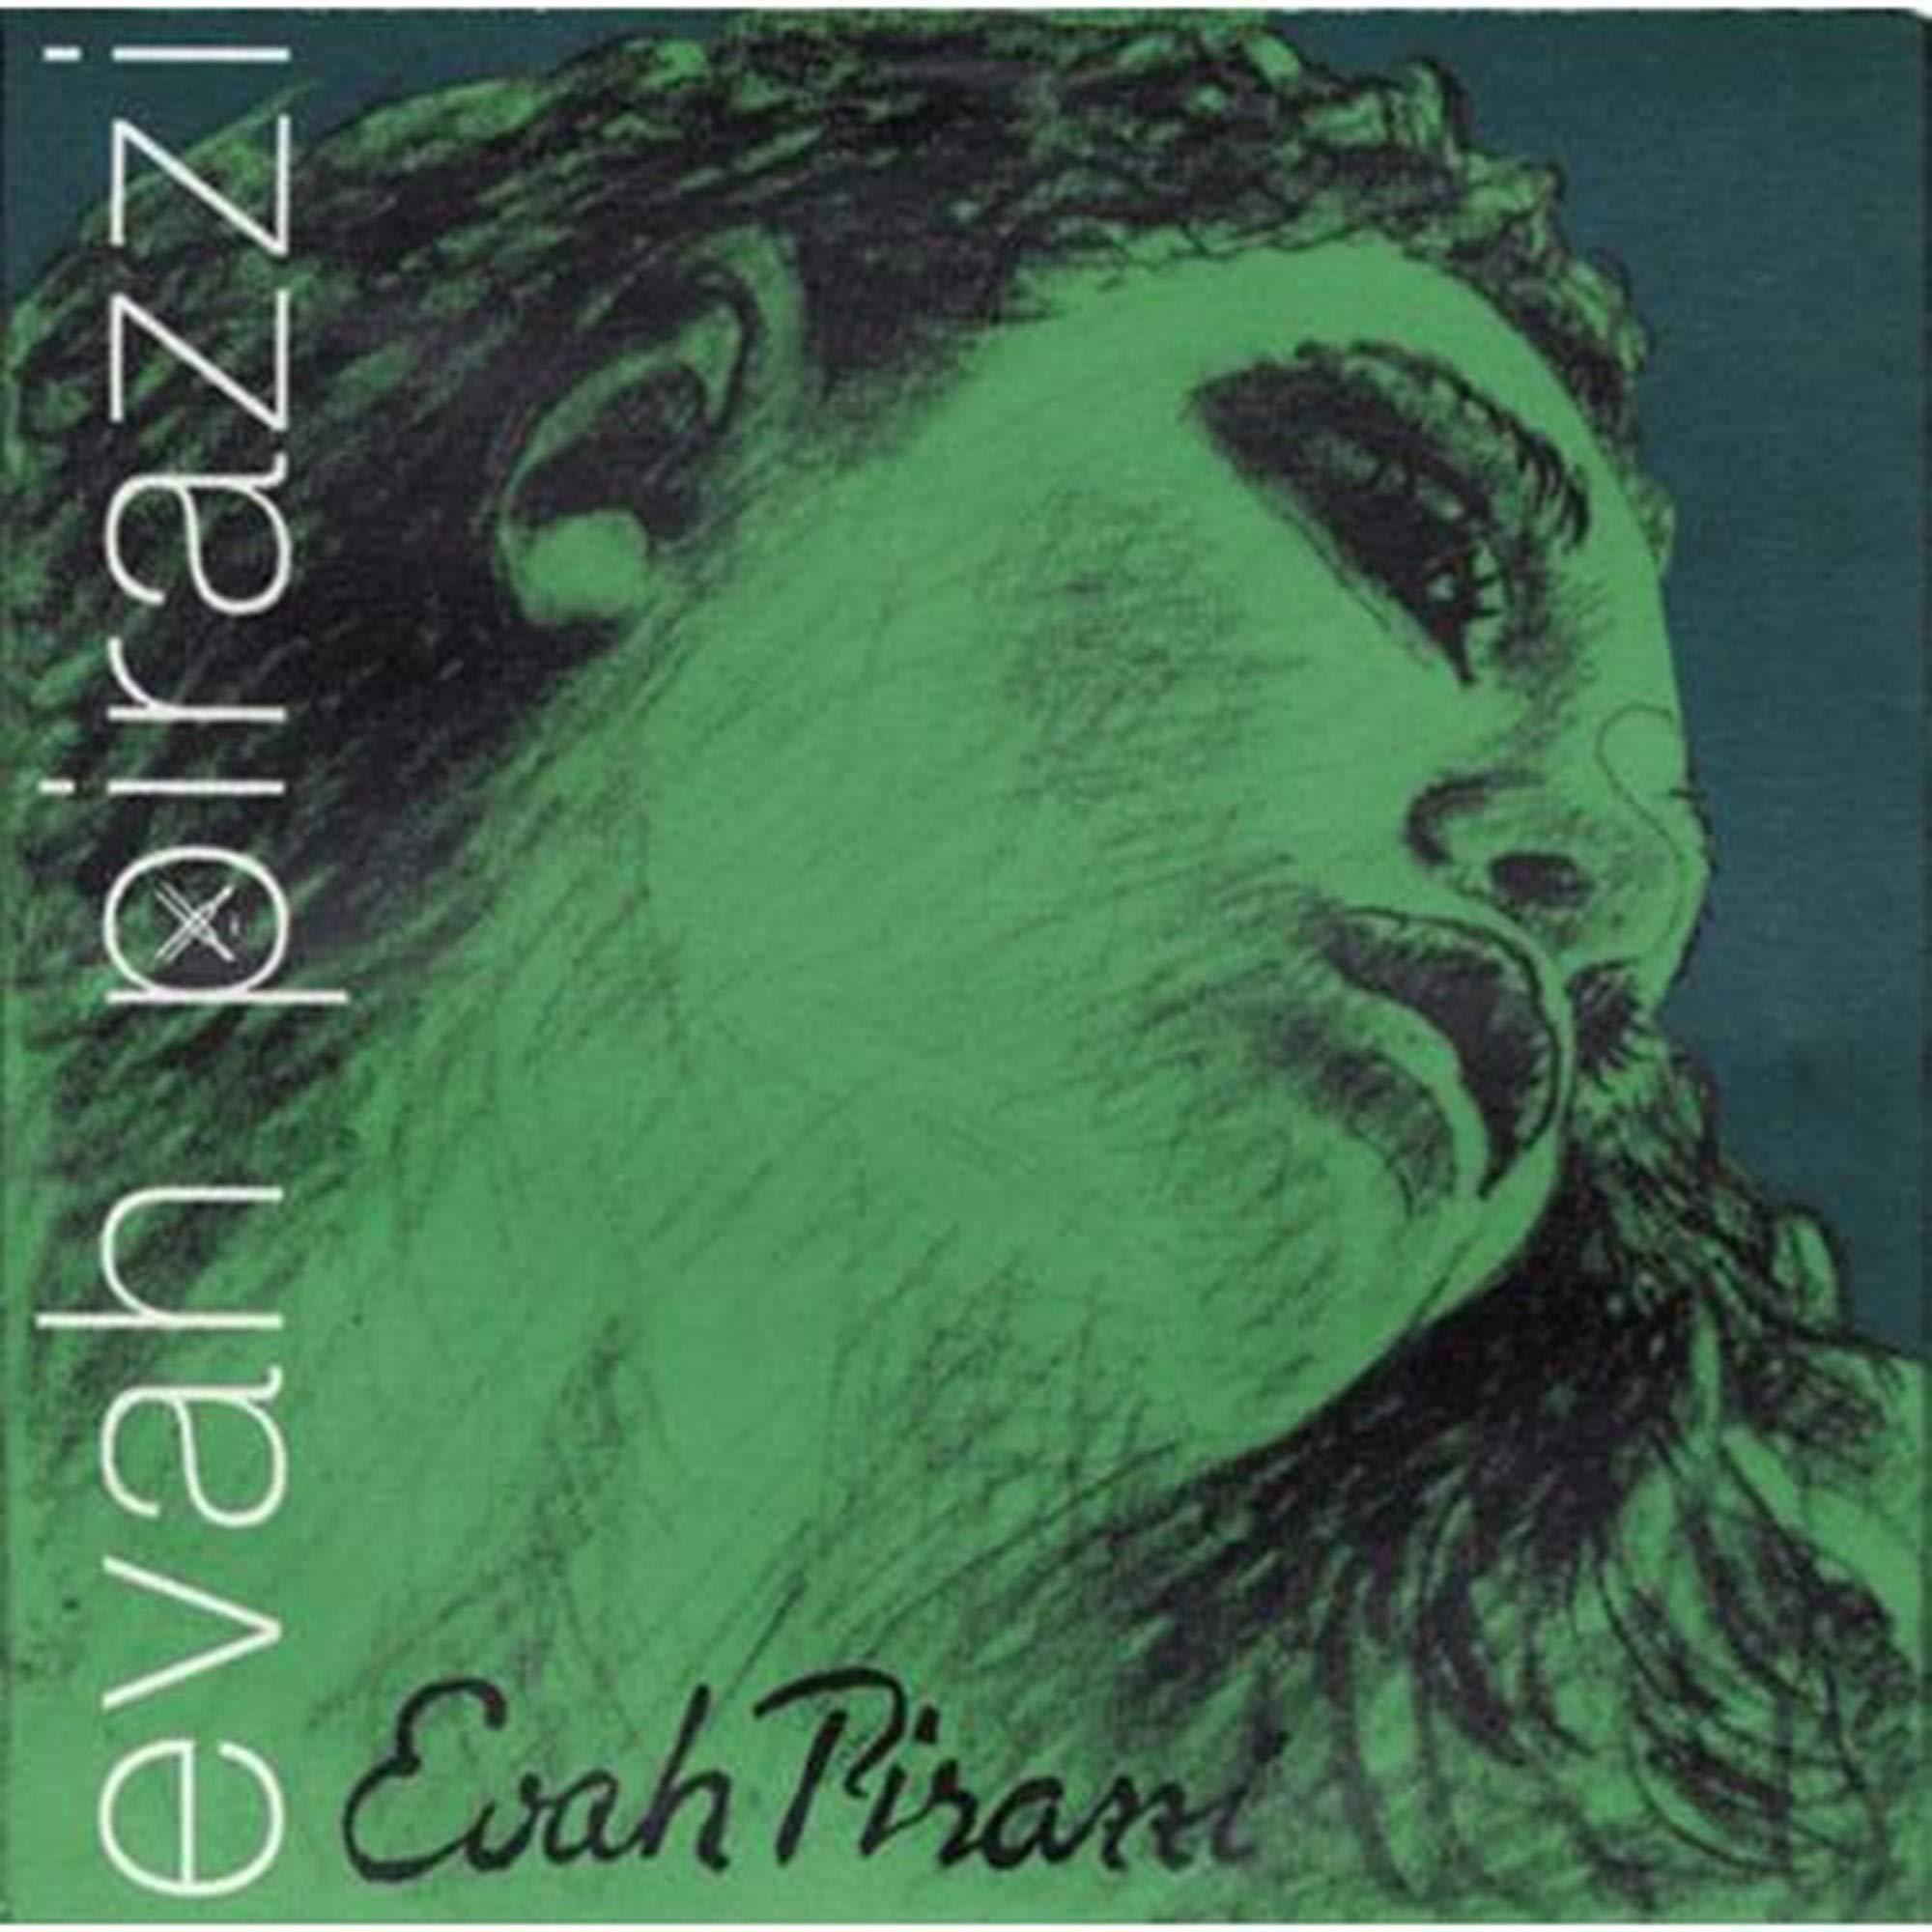 Pirastro Evah Pirazzi 4/4 Violin String Set - Medium Gauge - Steel Loop-End E